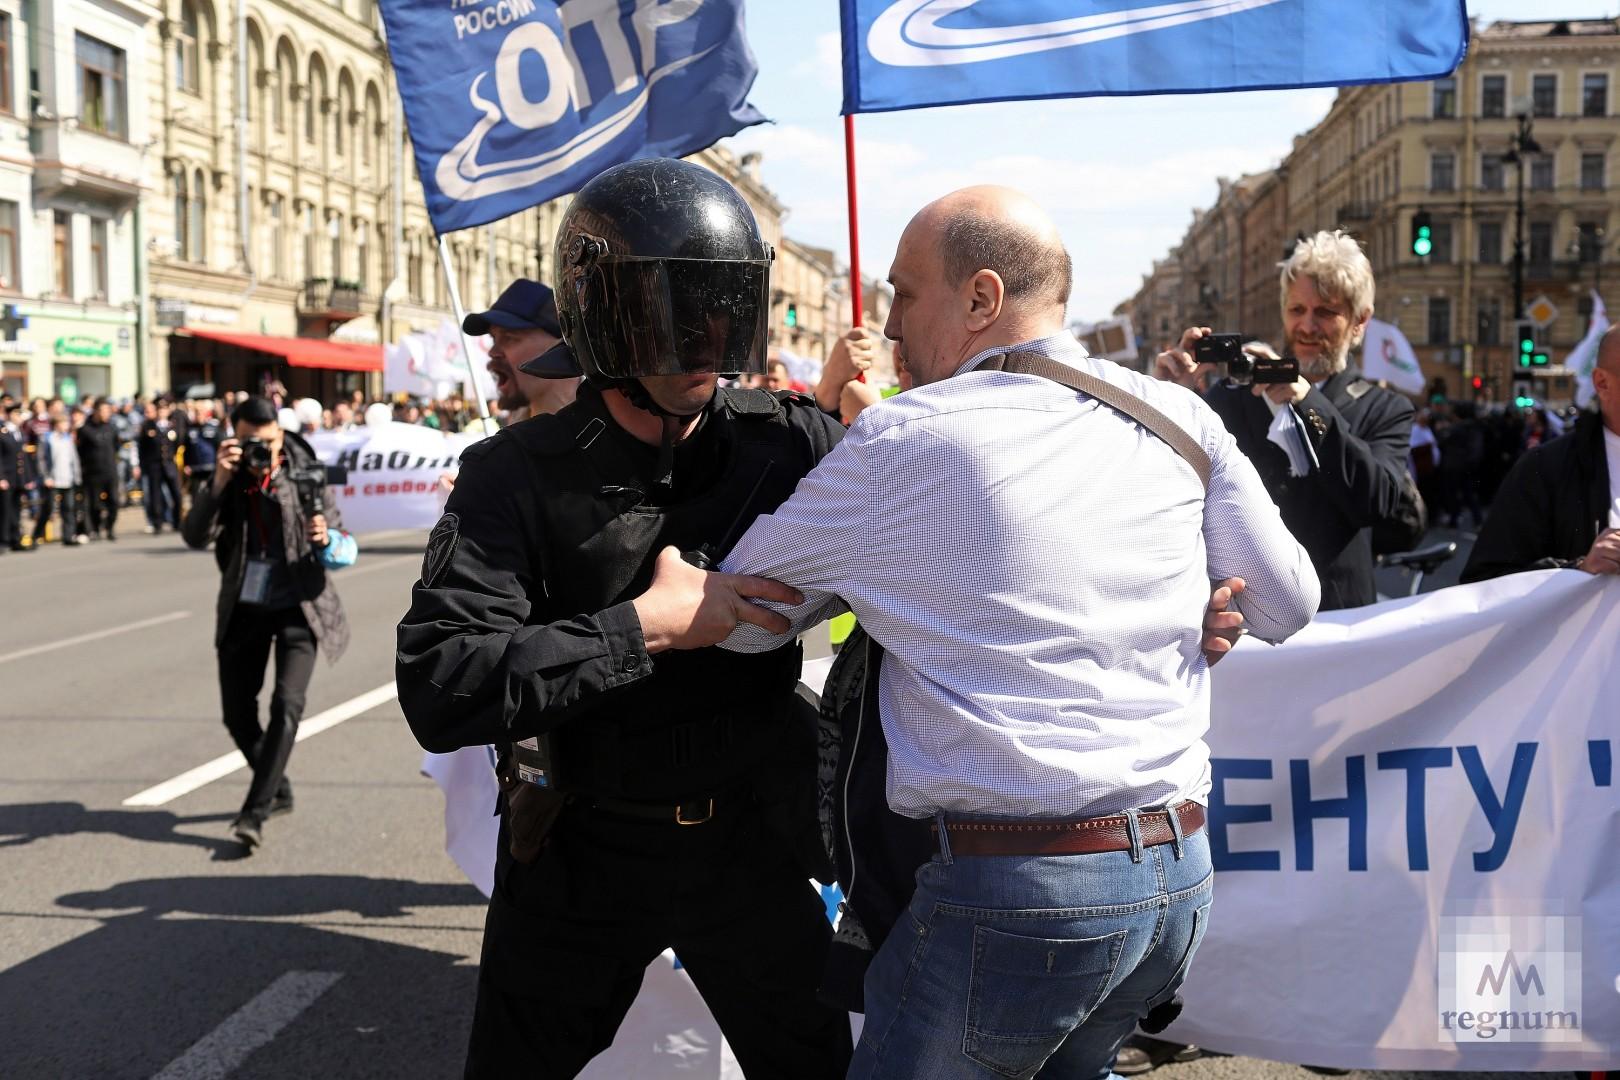 Задержание 1 мая на Невском проспекте